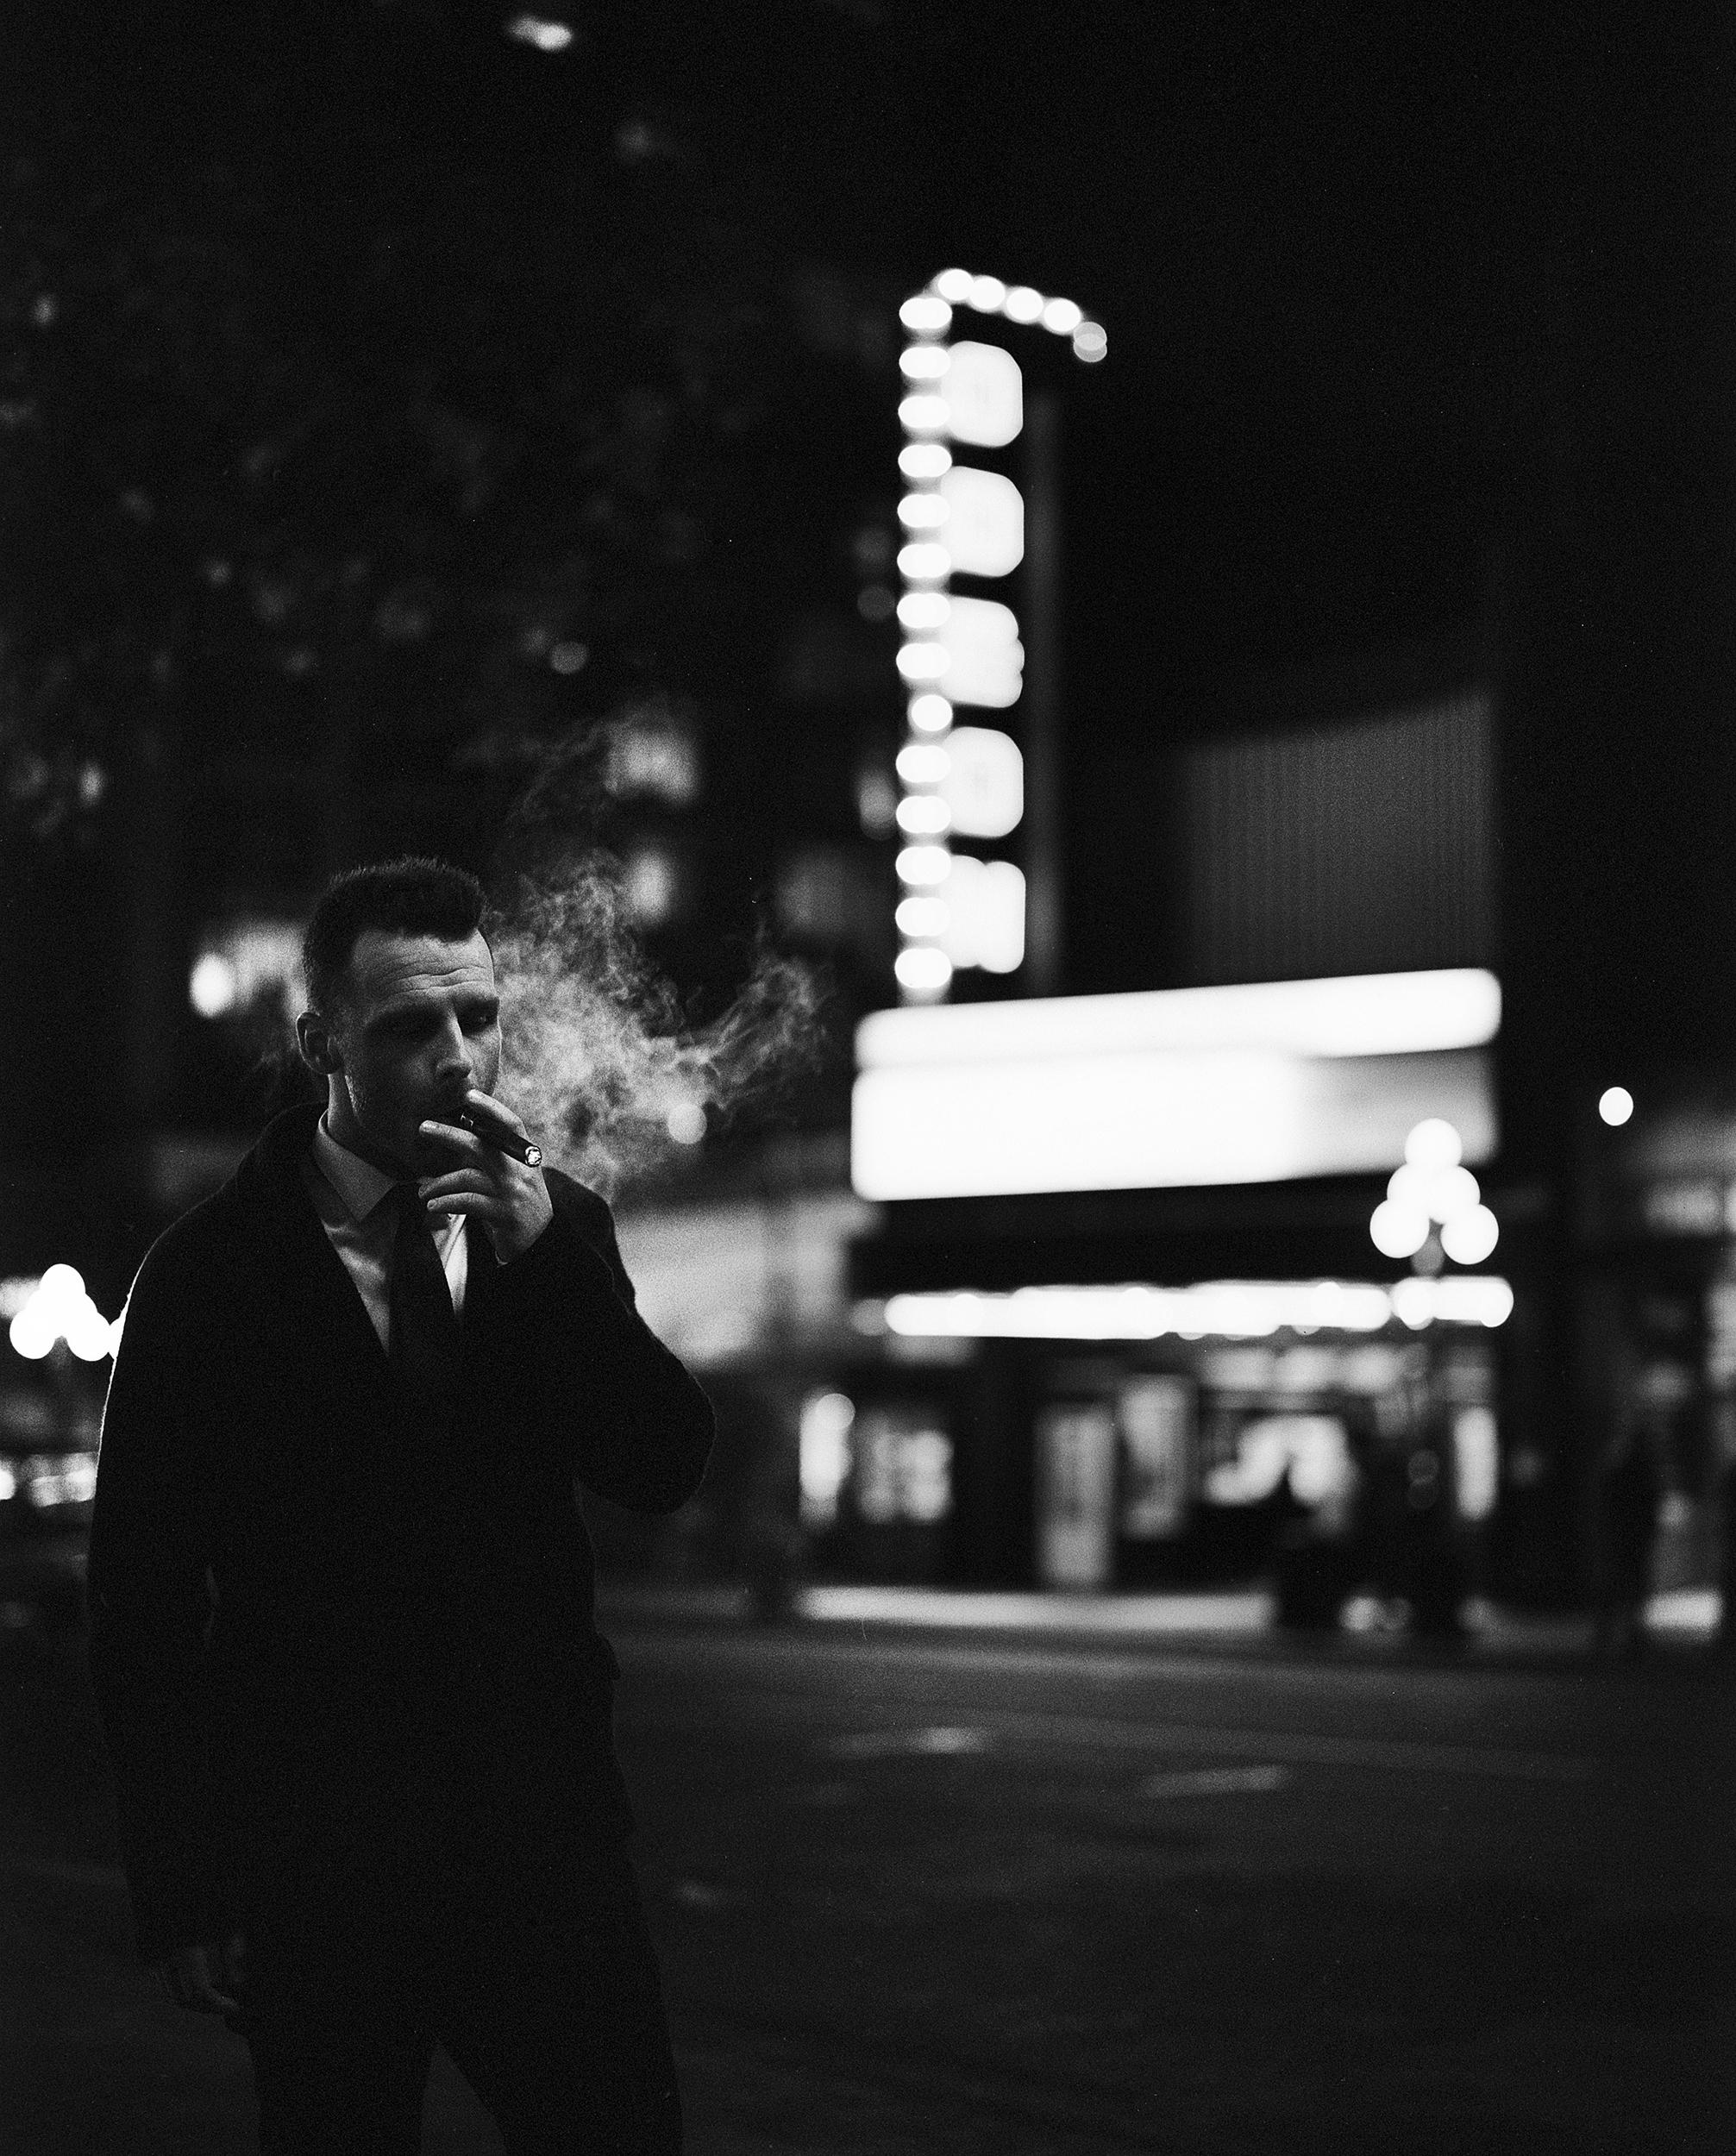 Cinestill 800T & Ilford HP5 400 At Night — Nicklaus Walter